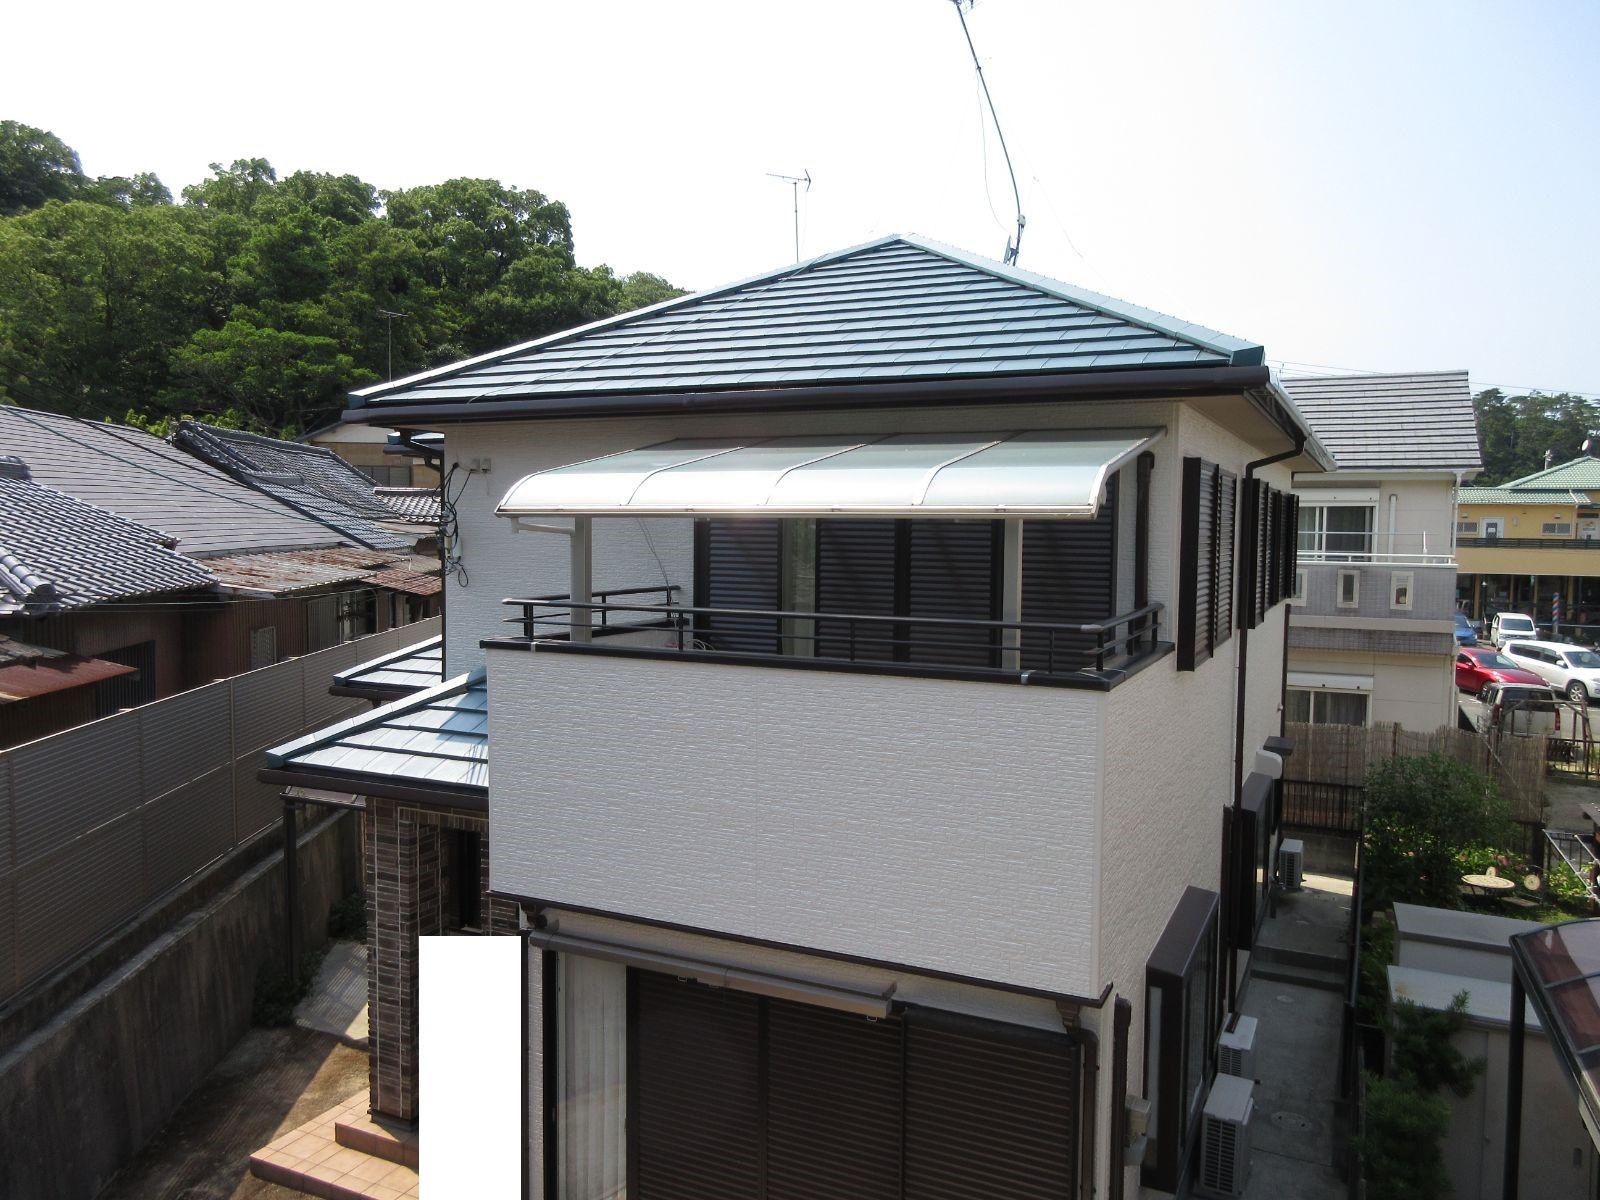 【和歌山市】H様邸<br>『耐久性・耐光性のあるフッ素塗料で最高の仕上がりに°˖✧』